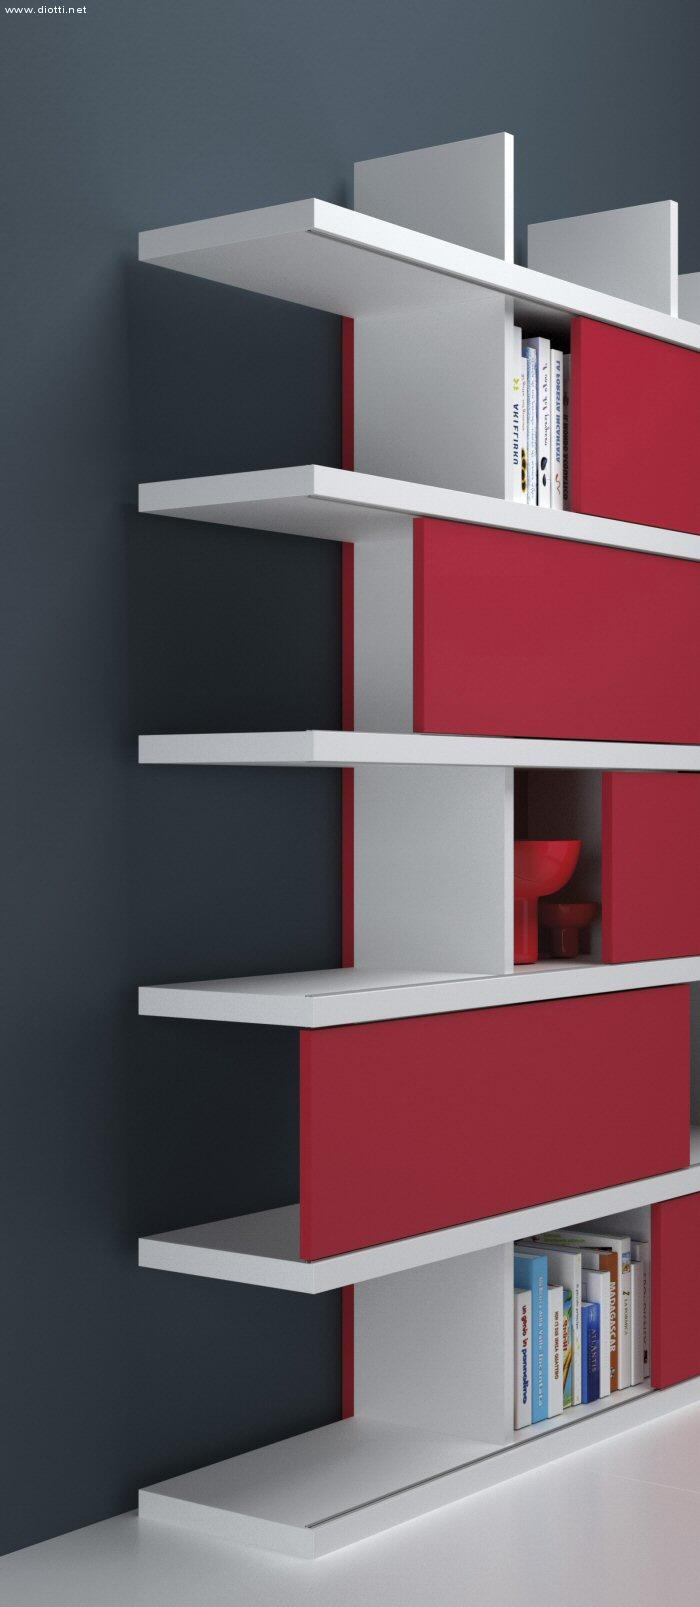 Young - Libreria - DIOTTI A&F Italian Furniture and ...